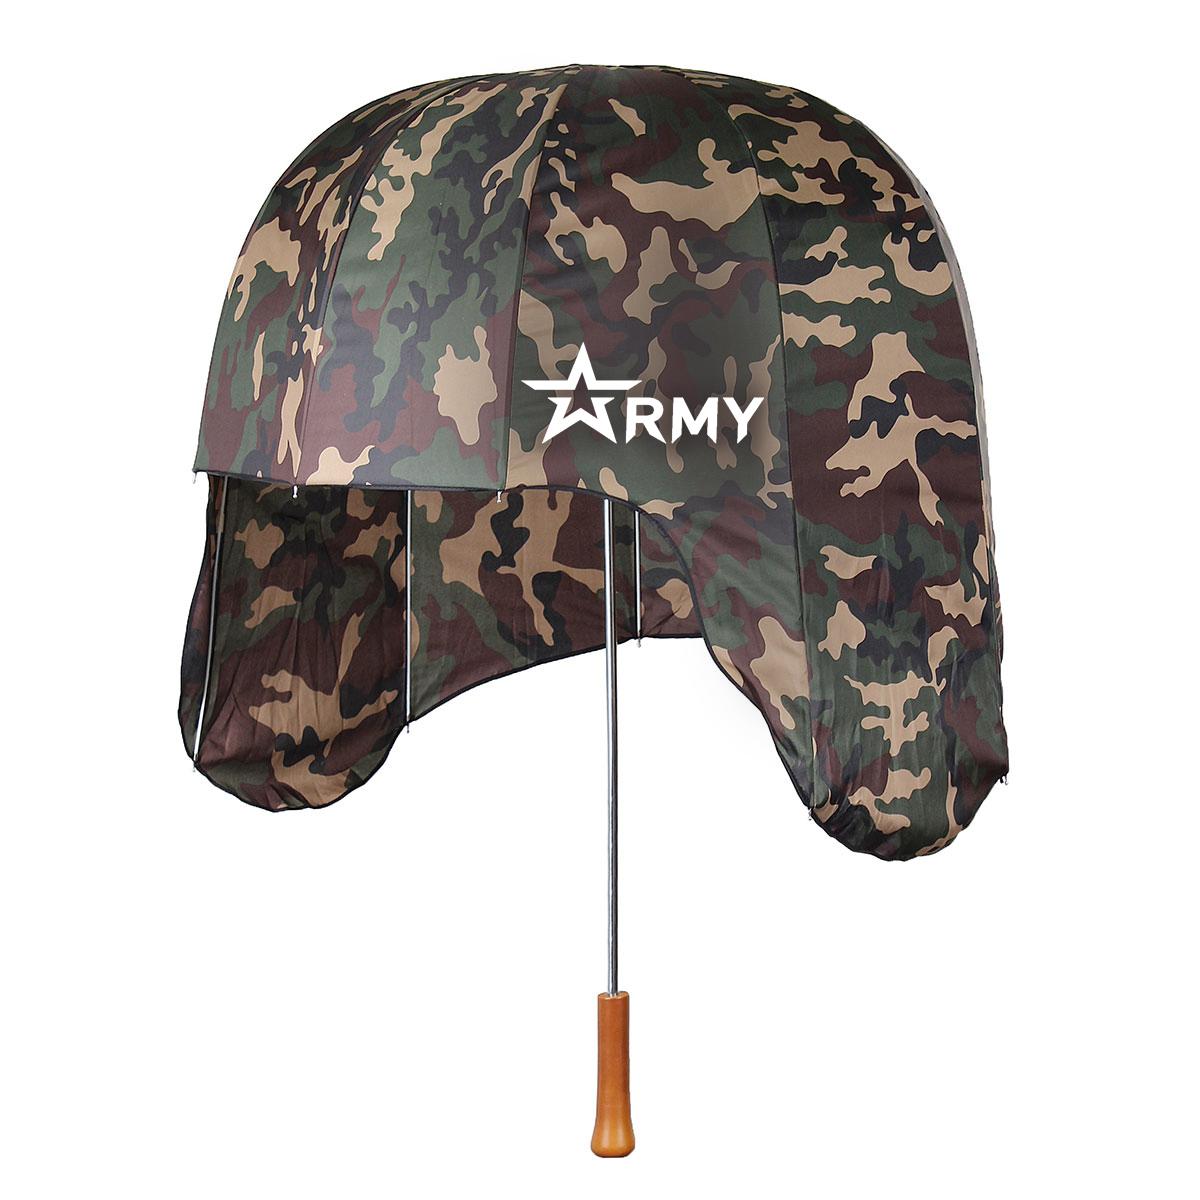 ЗОНТ с Логотипом ARMY